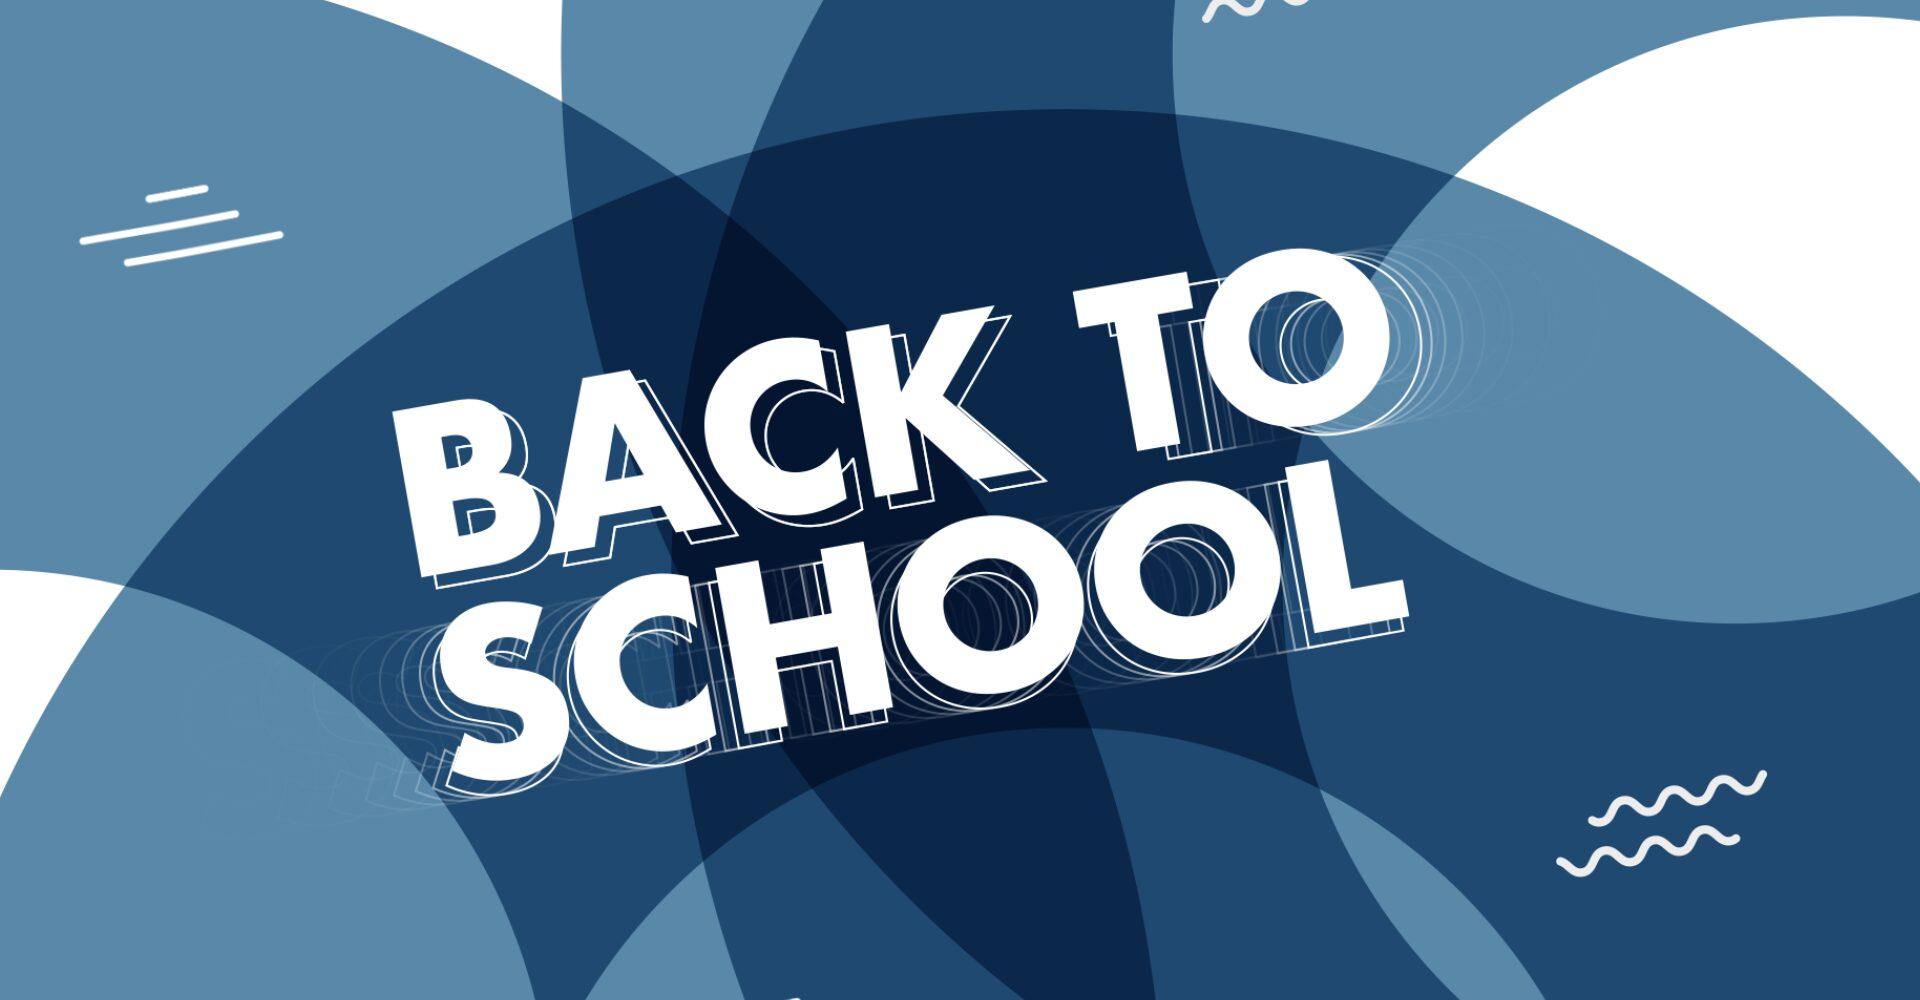 Quest School Back To School Video